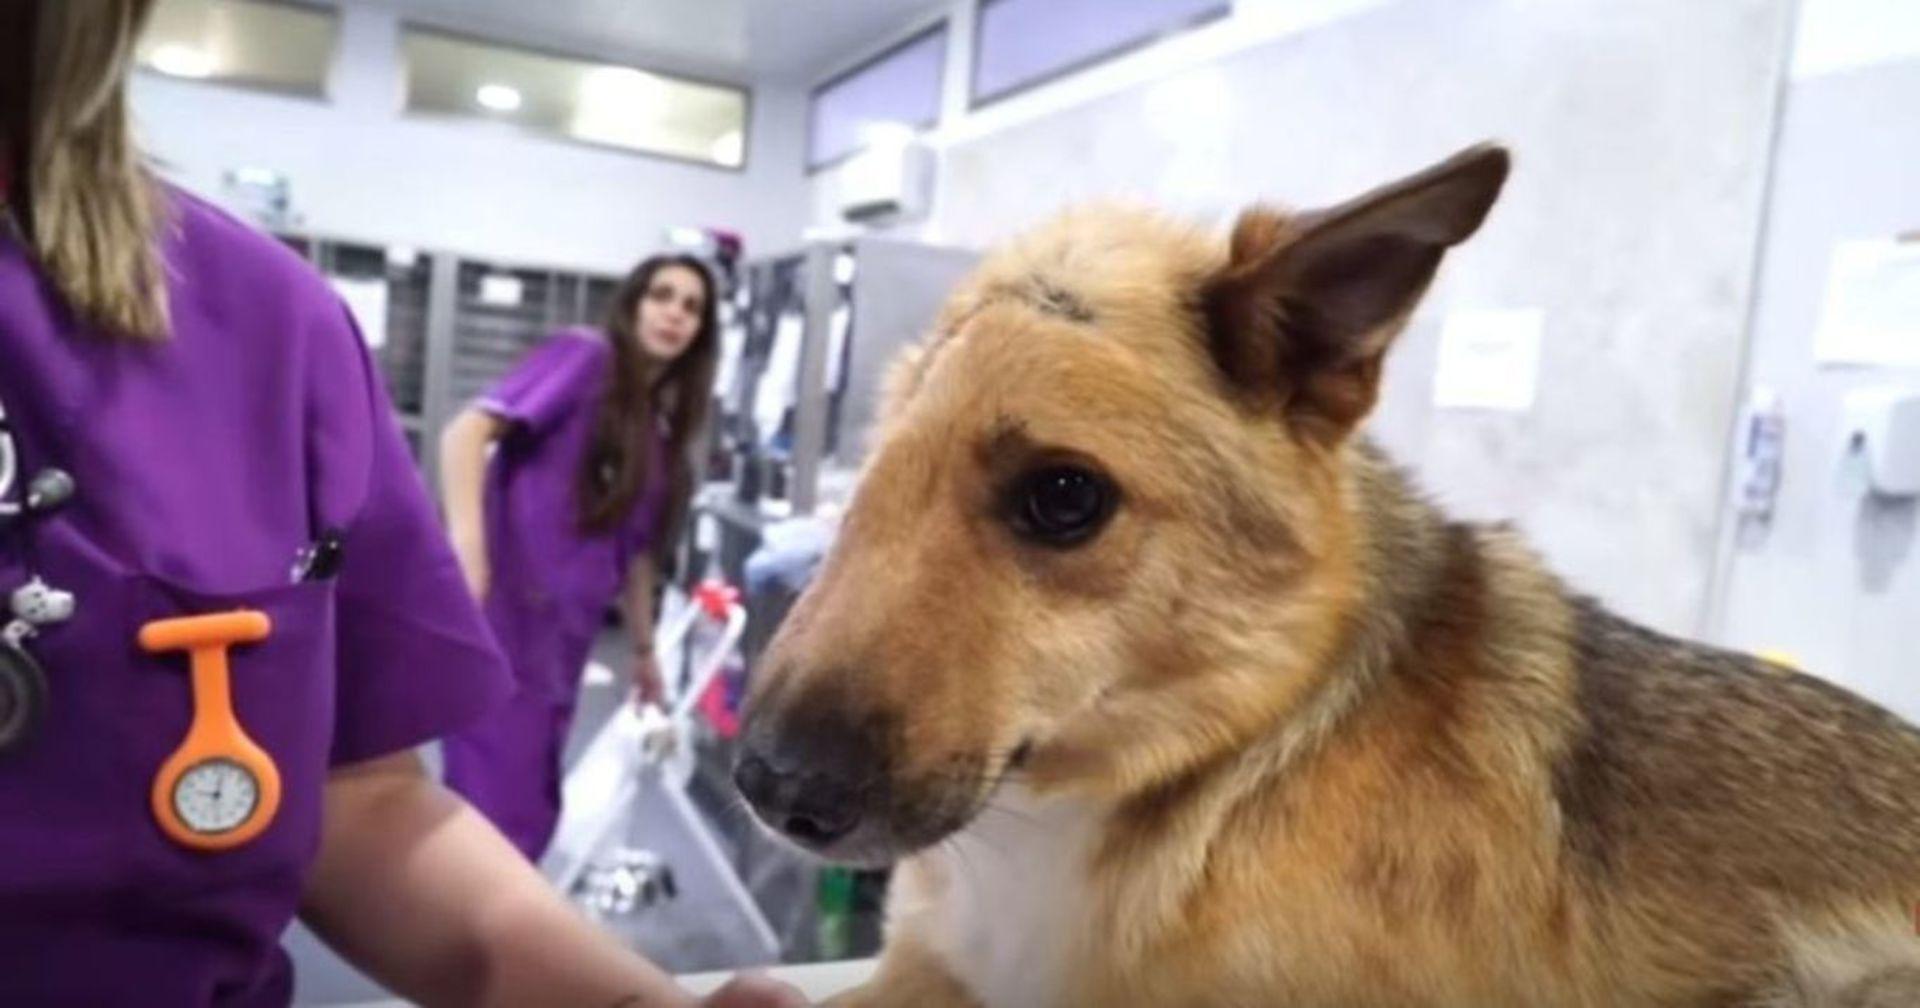 Hund mit halbem Gesicht: Gänsehaut Video zeigt seinen Überlebenswillen!